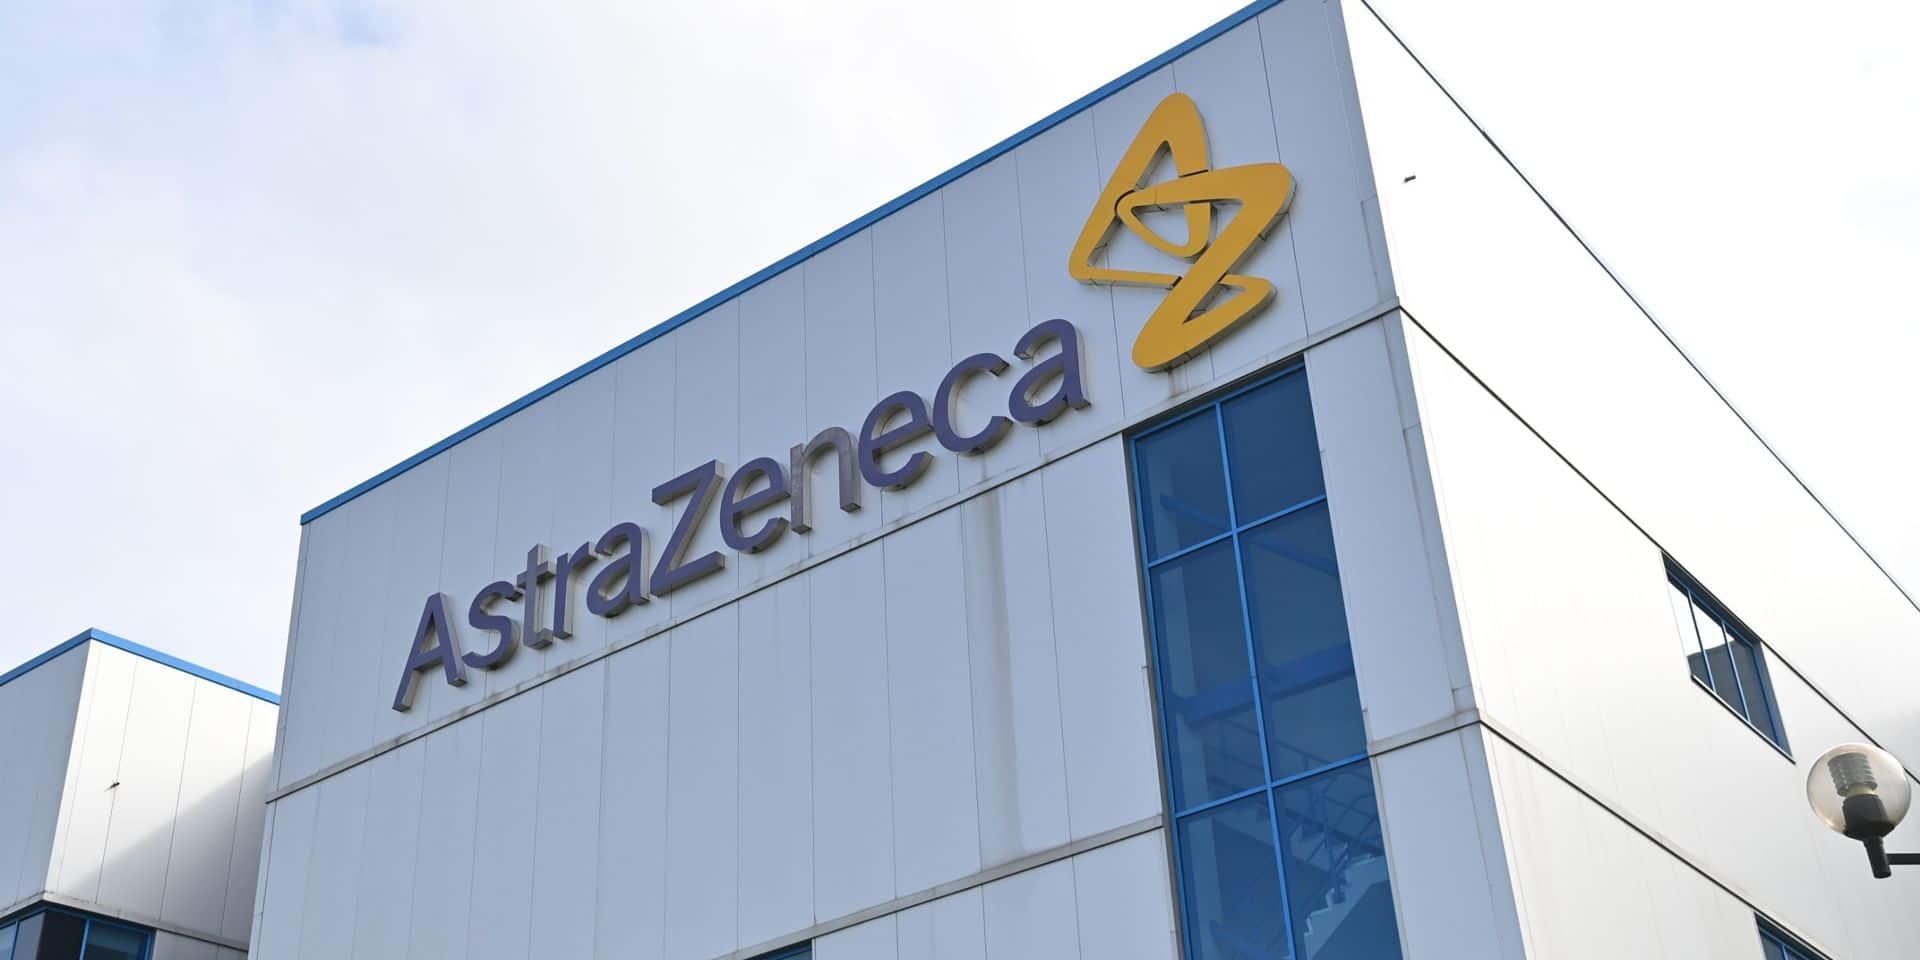 Le patron d'AstraZeneca affirme qu'un vaccin pourrait être prêt fin décembre